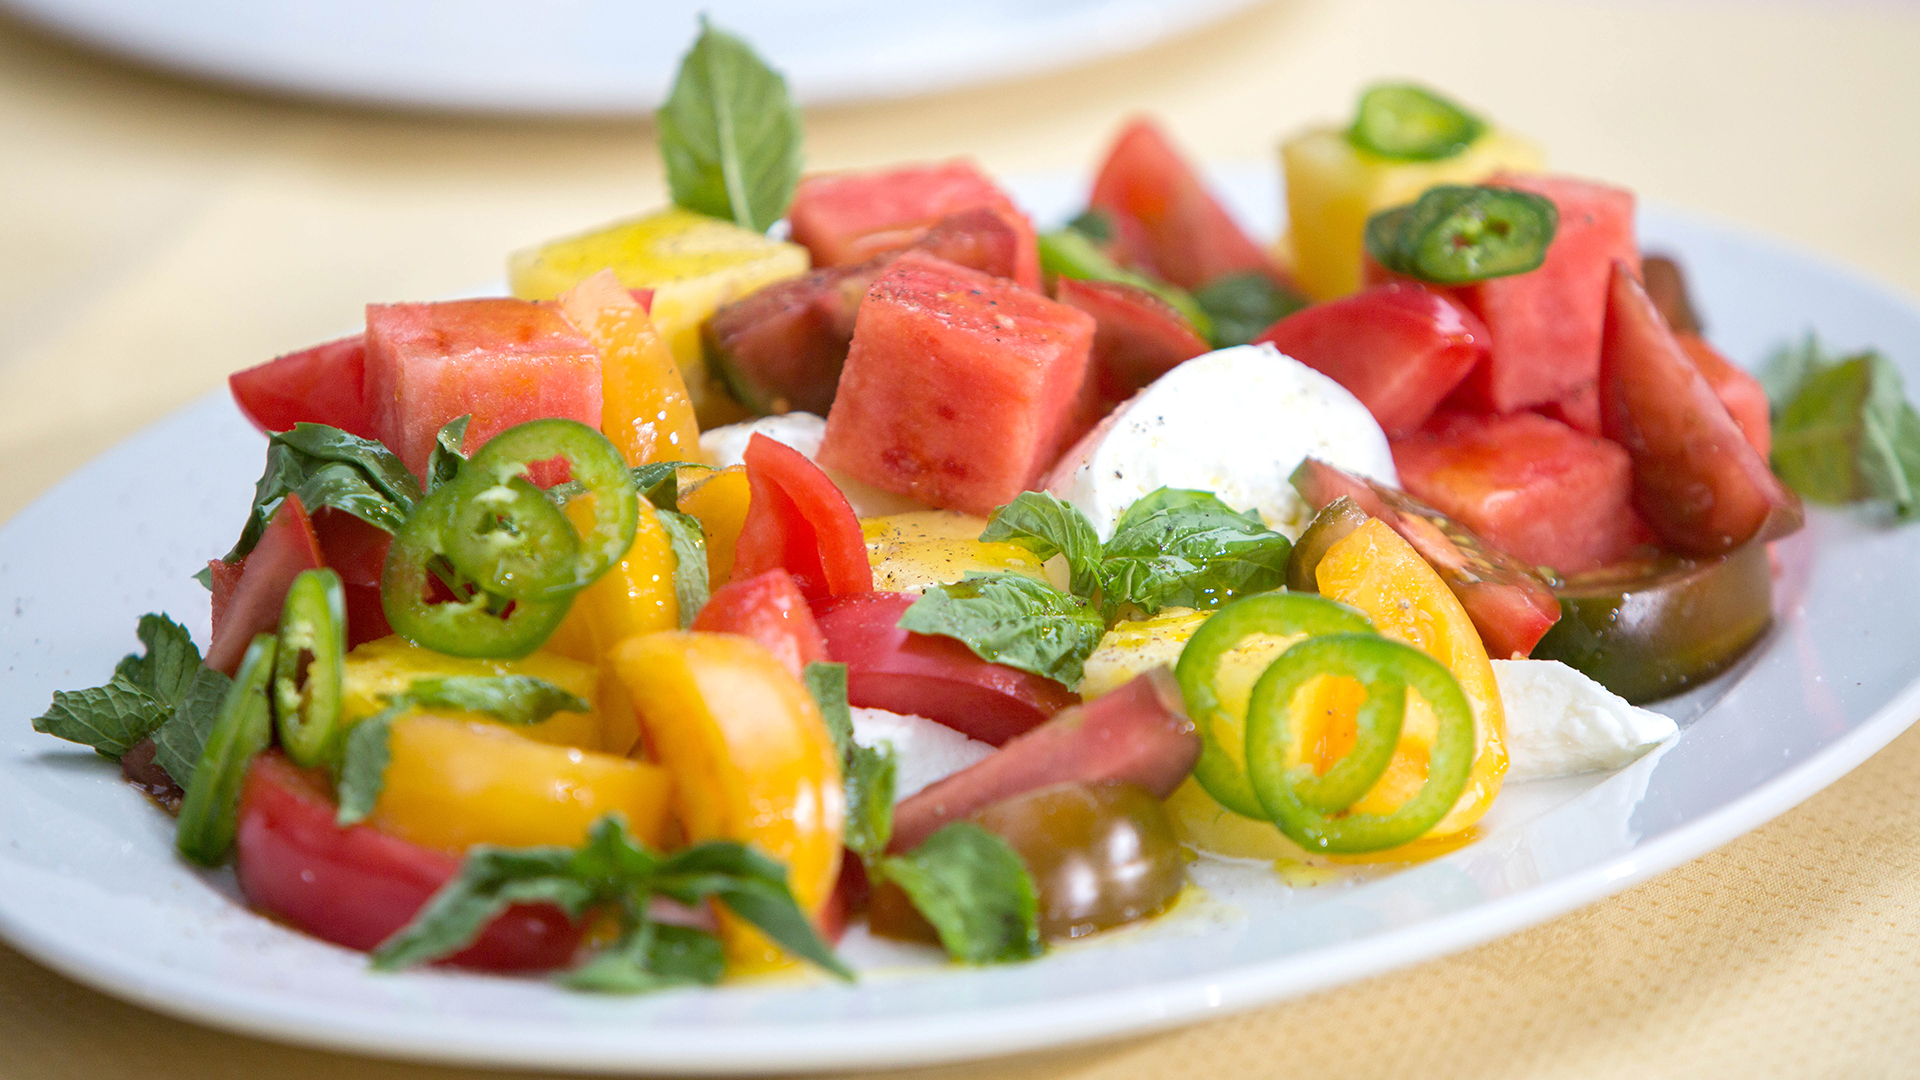 Splendid Burrata Ed Brown Heirloom Tomato Salad Today Tease 170829 5d12cd6e10ec5bc8fb6f6d5130a255cb Heirloom Tomato Salad Feta Heirloom Tomato Salad nice food Heirloom Tomato Salad